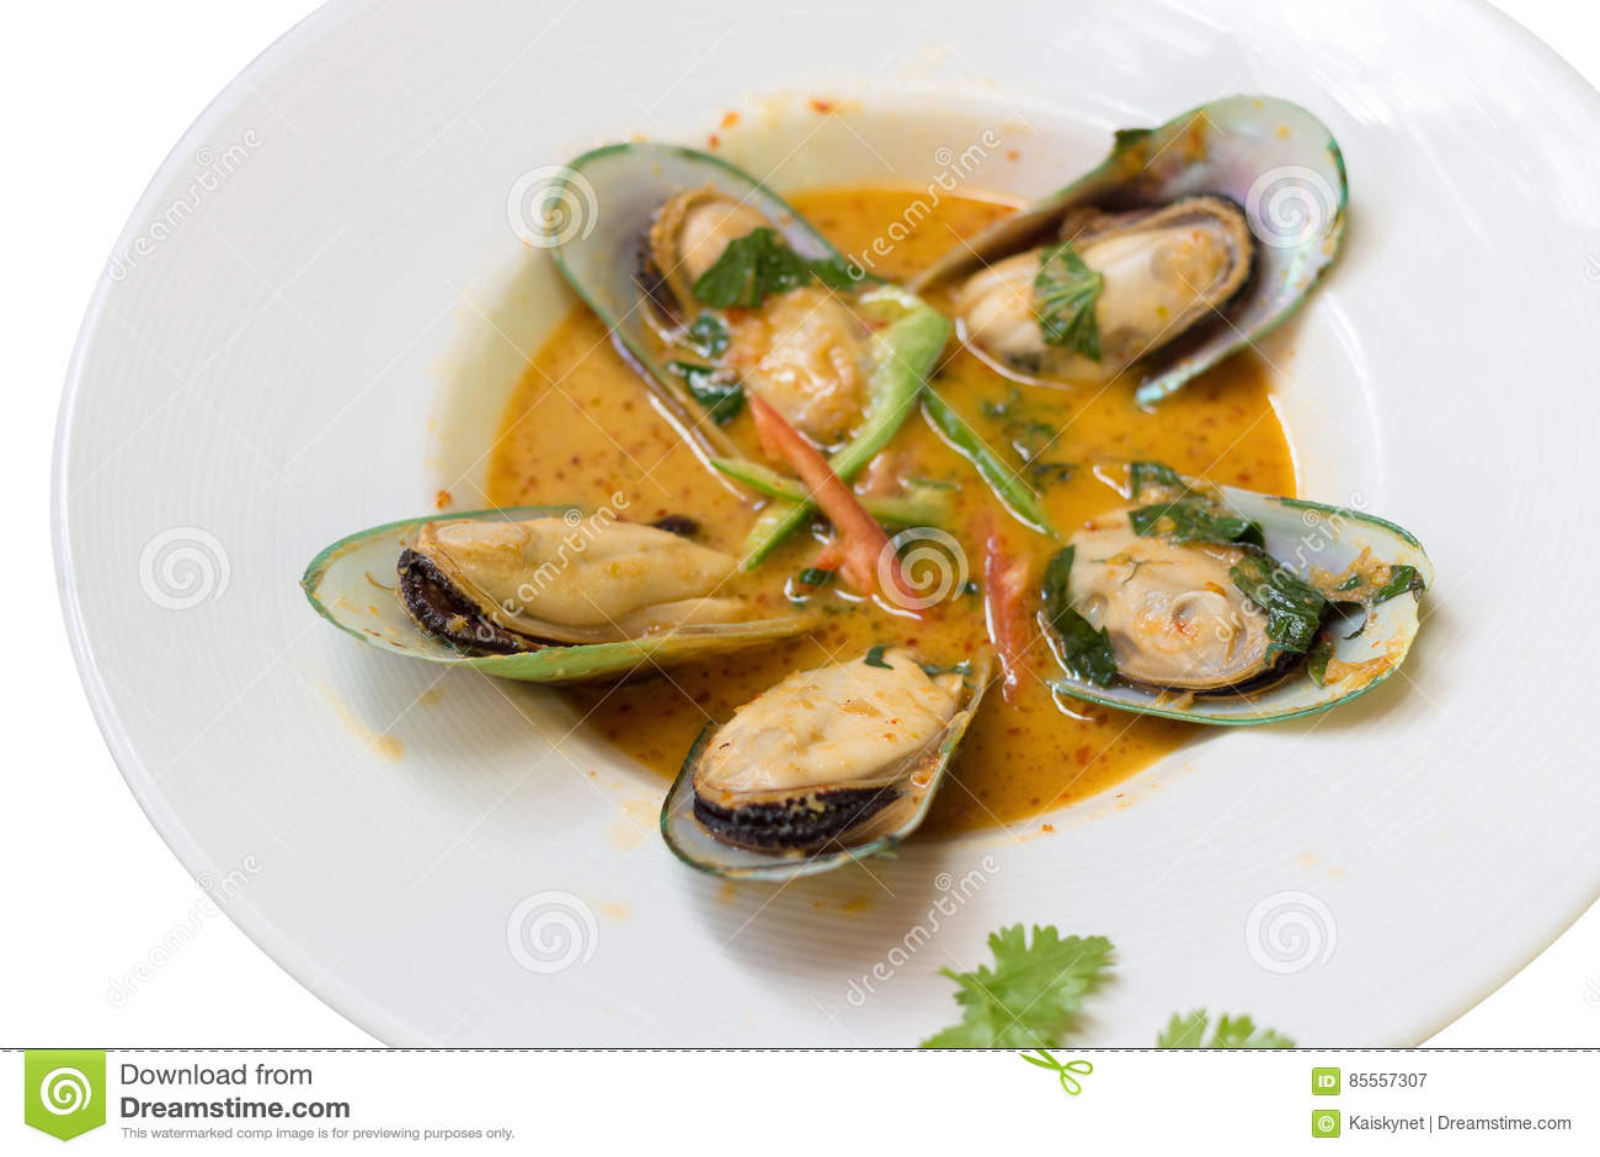 Neuseeland-Miesmuschel gedämpft mit Curry-Kokosmilch